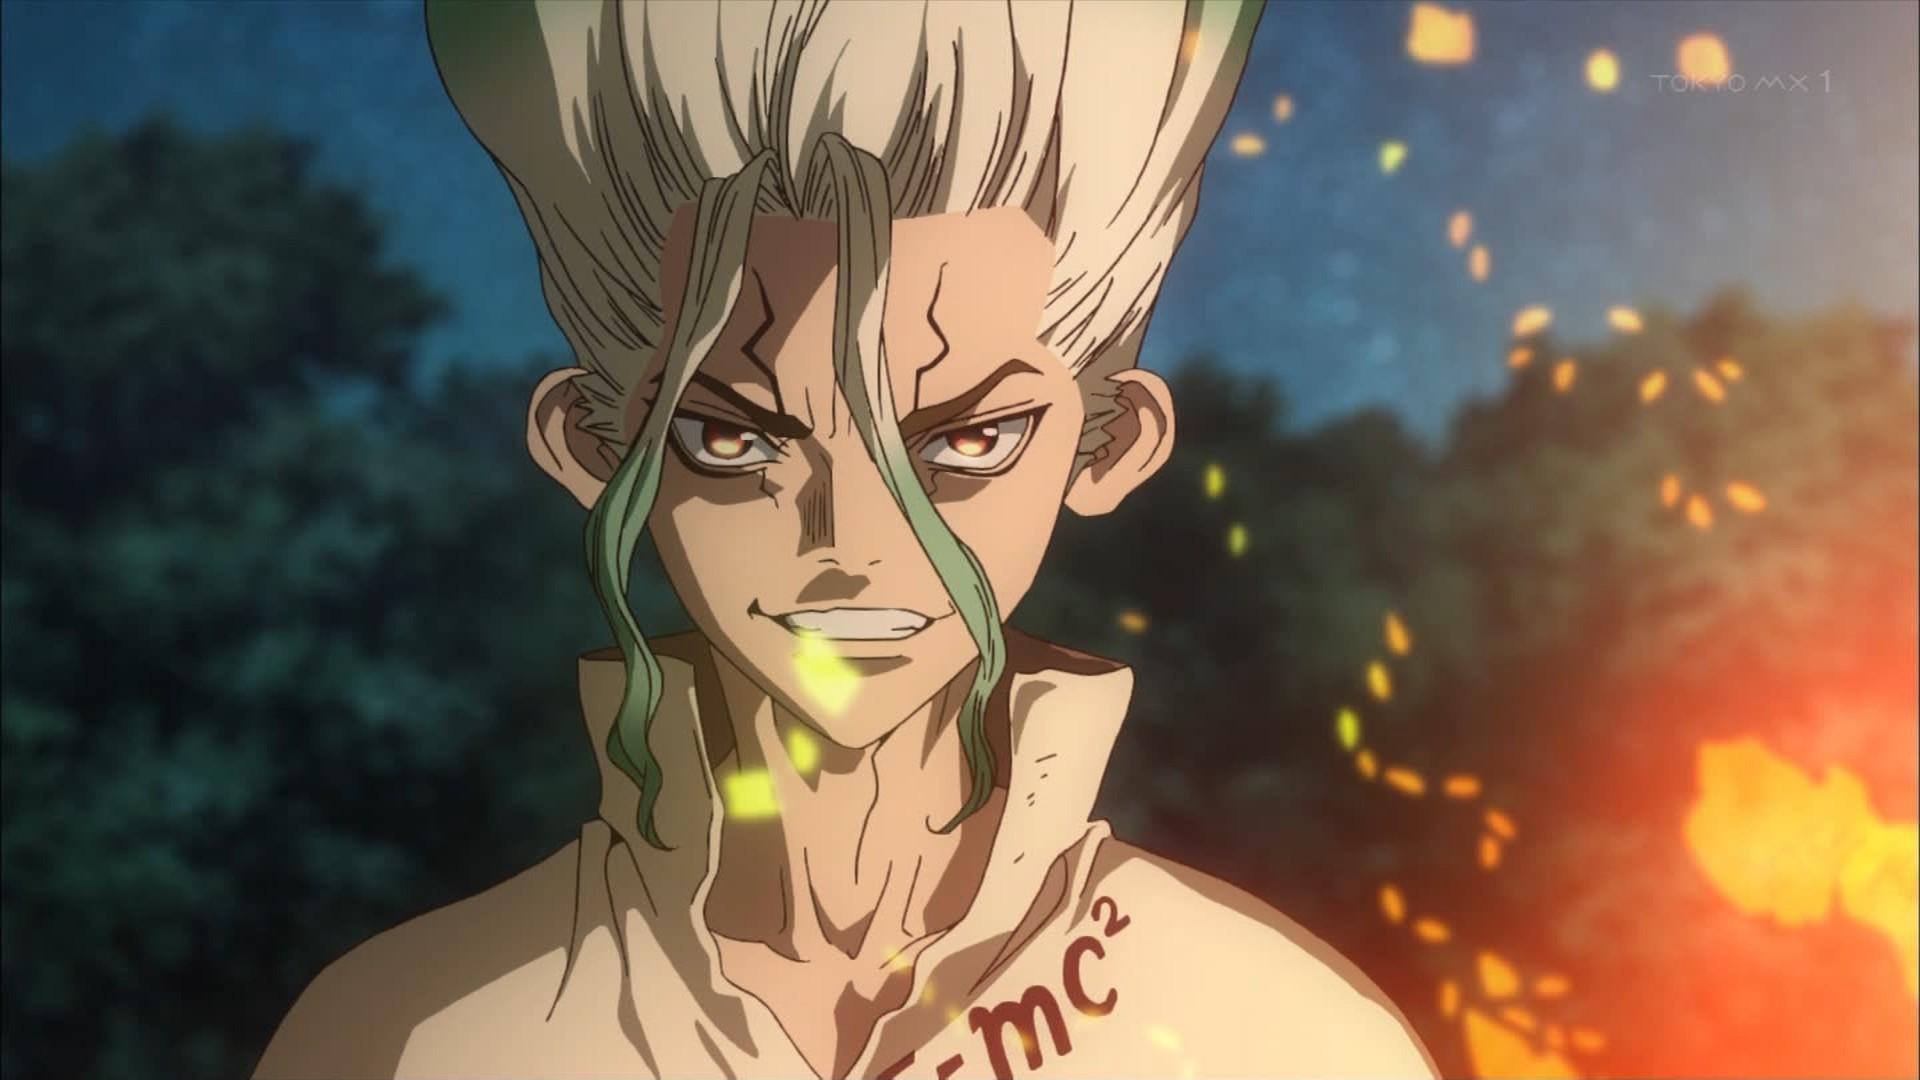 【新】夏アニメ『Dr.STONE』1話感想・・・ジャンプのなろう作品! 全人類が石化した世界でのサバイバル!! 科学で千空SUGEEEEEEEE!